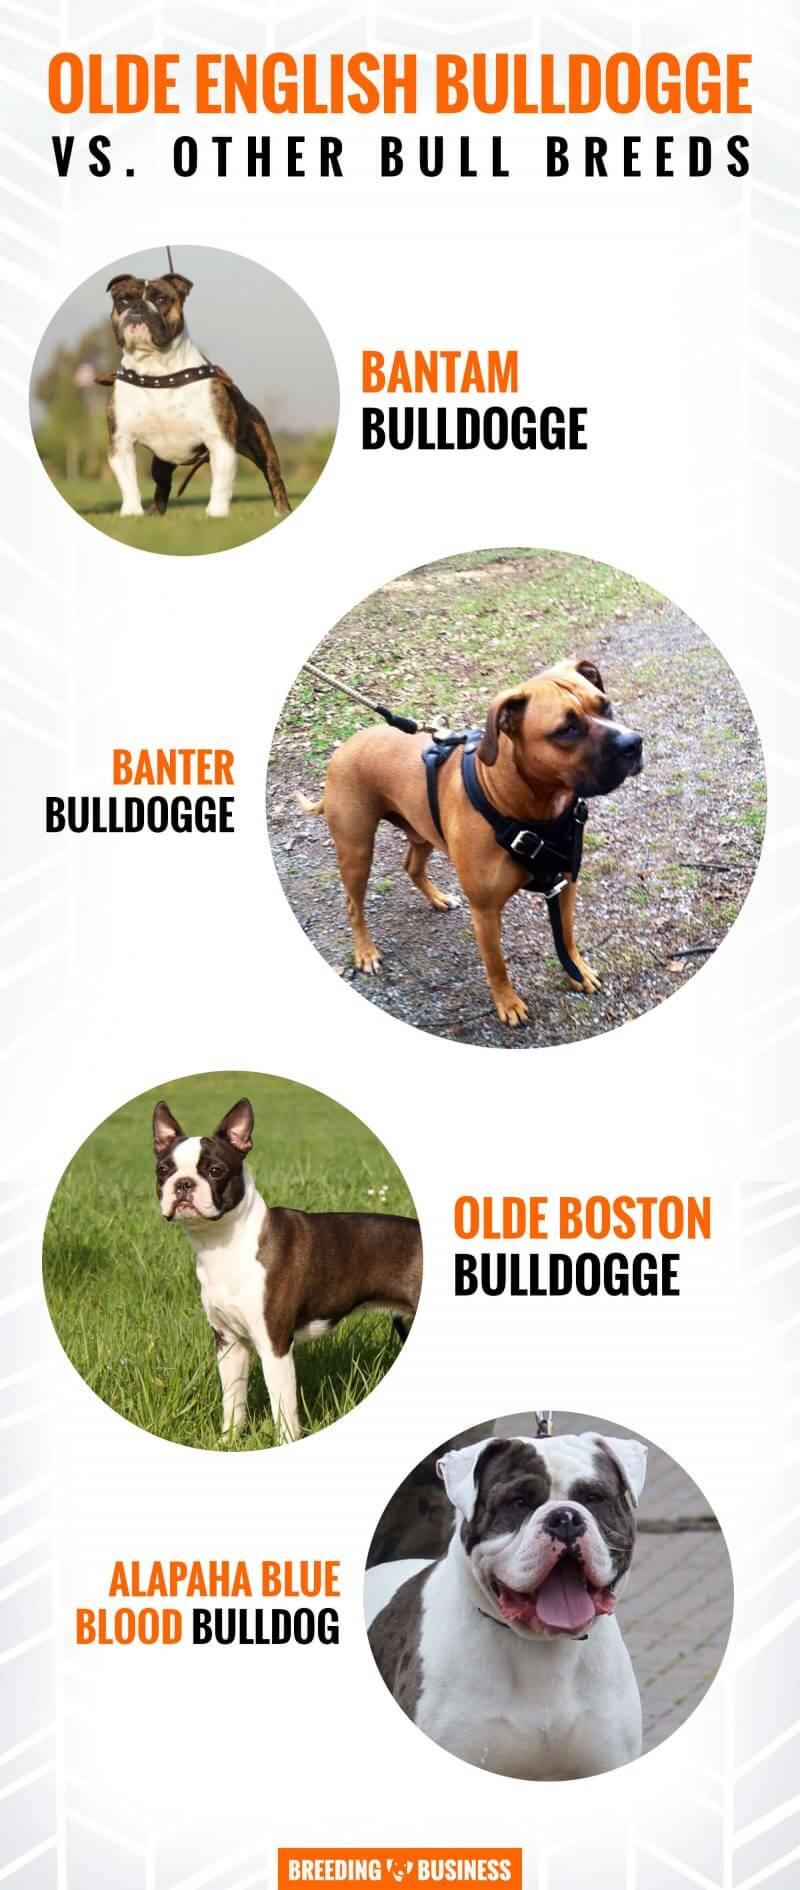 Olde English Bulldogge breeds